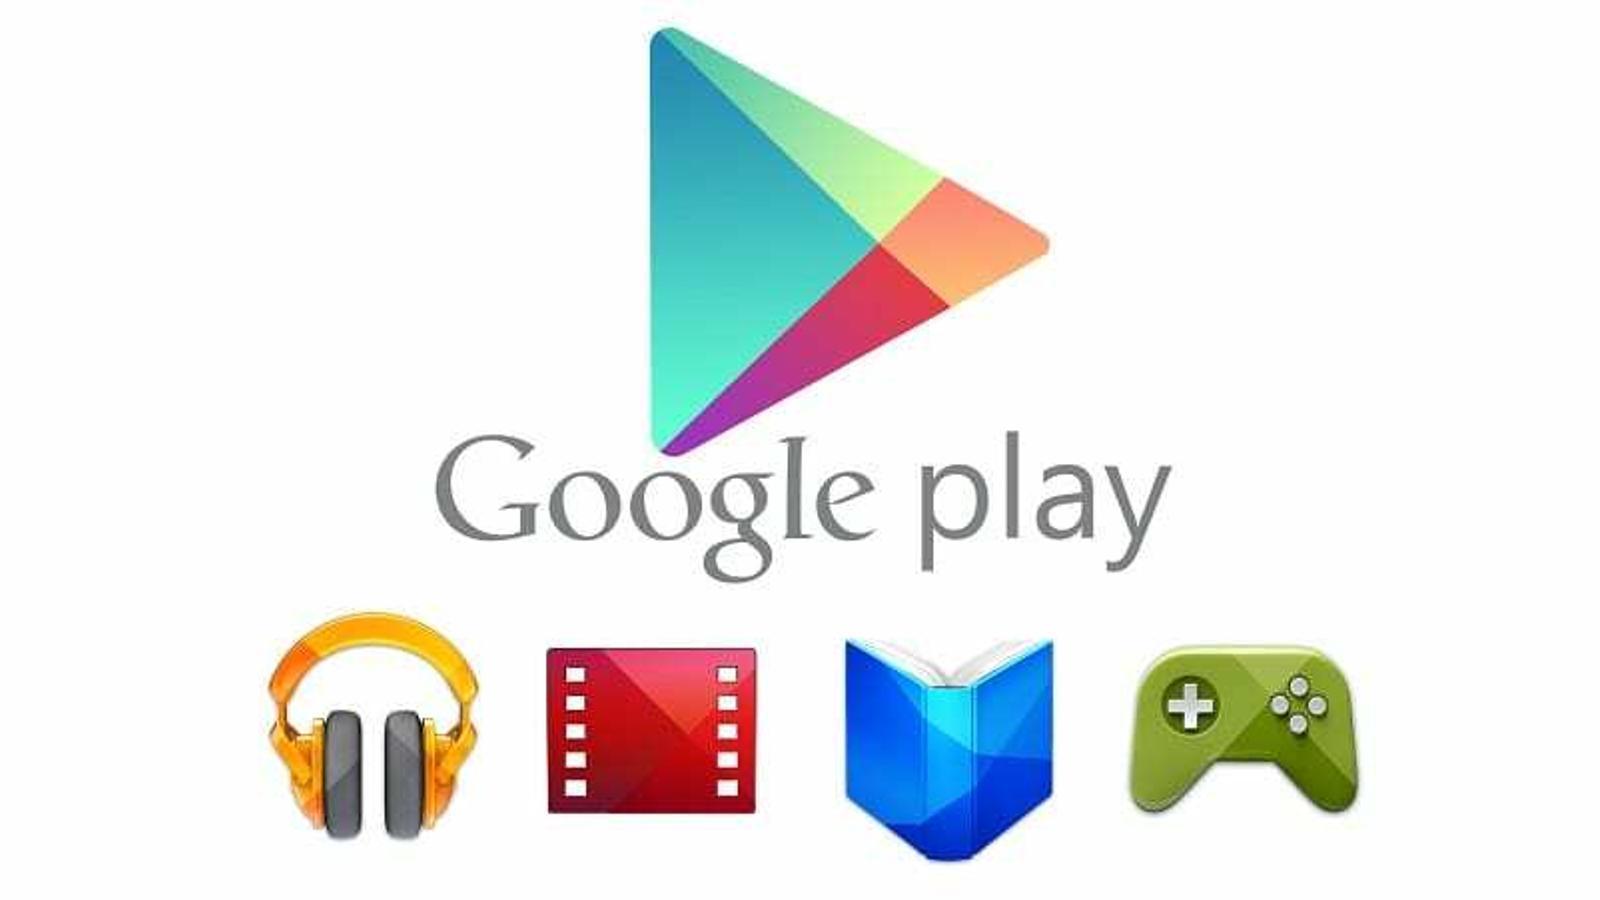 Capçelera de Google Play, la botiga d'aplicacions per plataformes Android. / GOOGLE